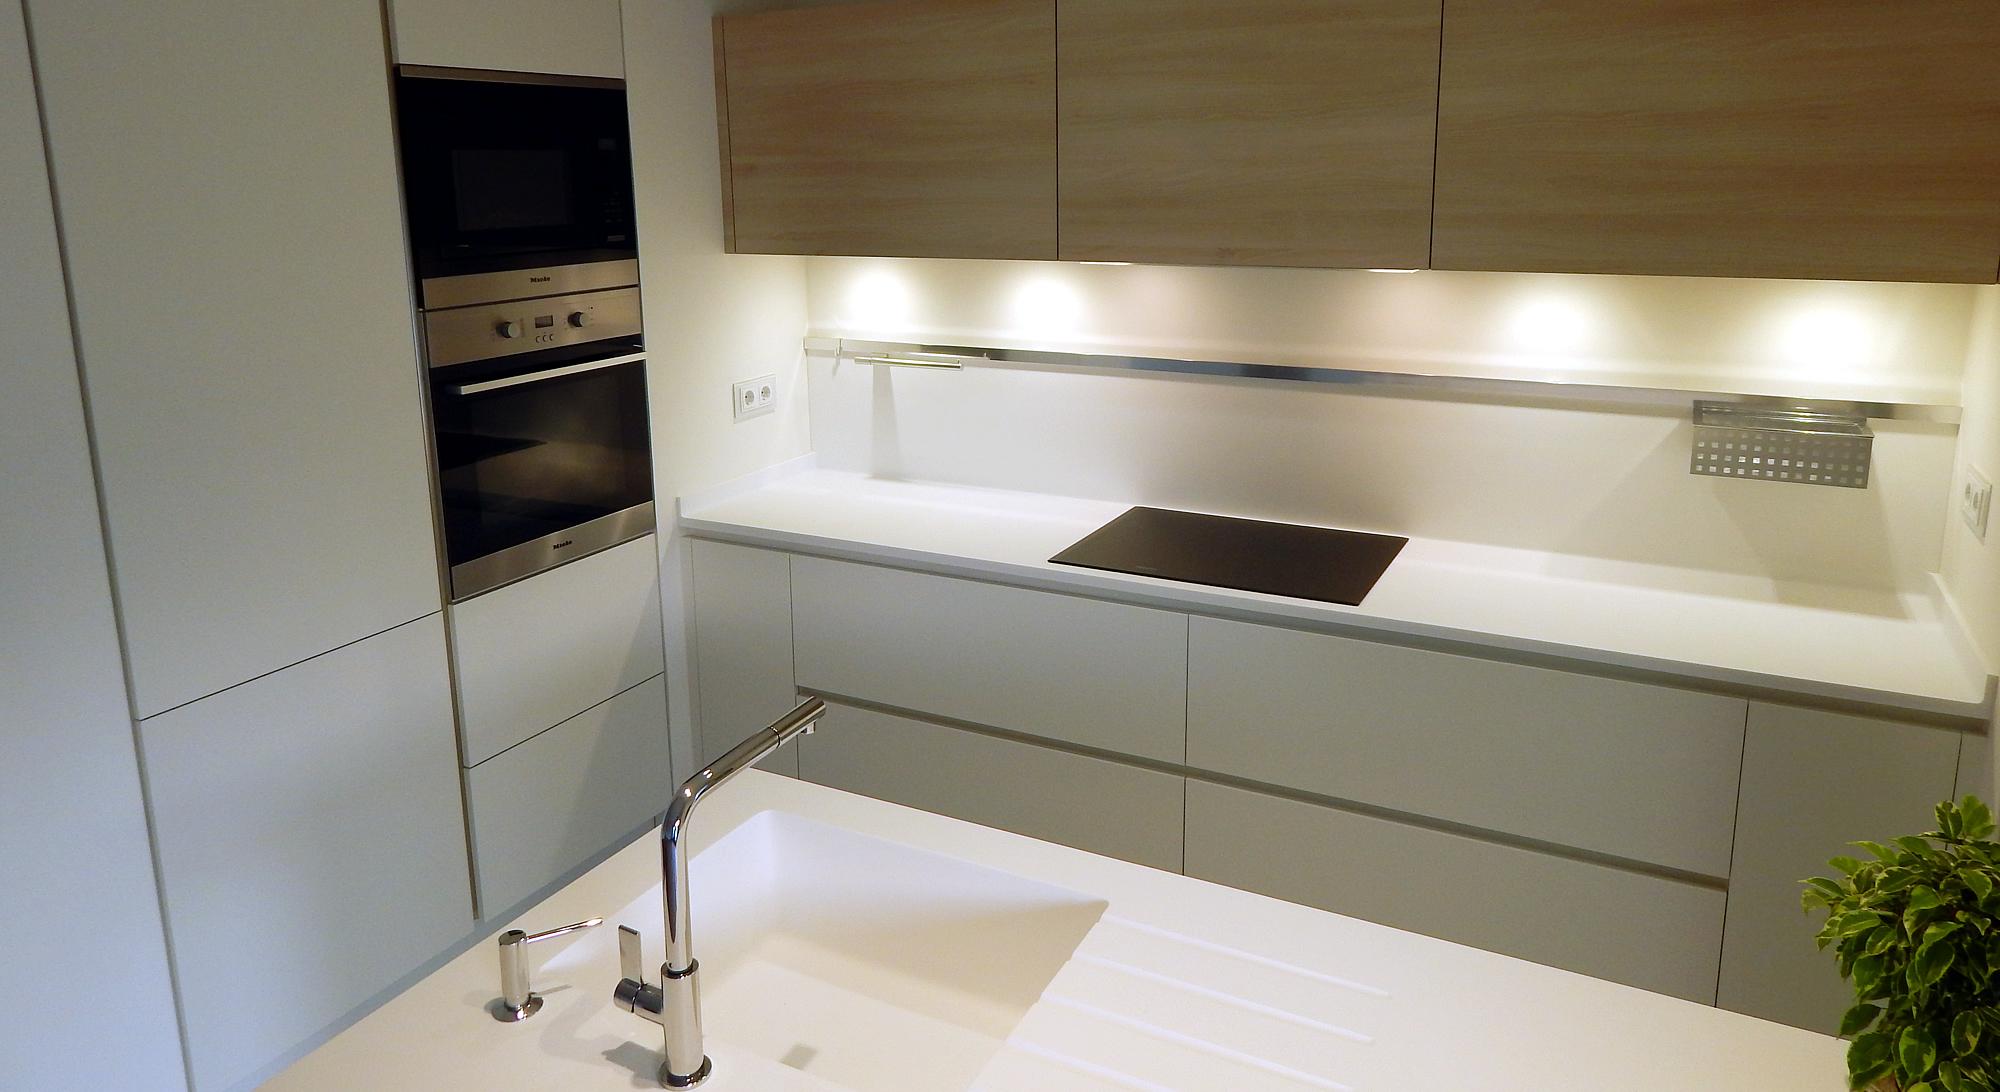 Muebles de cocina acabado soft - Encimeras alvic ...